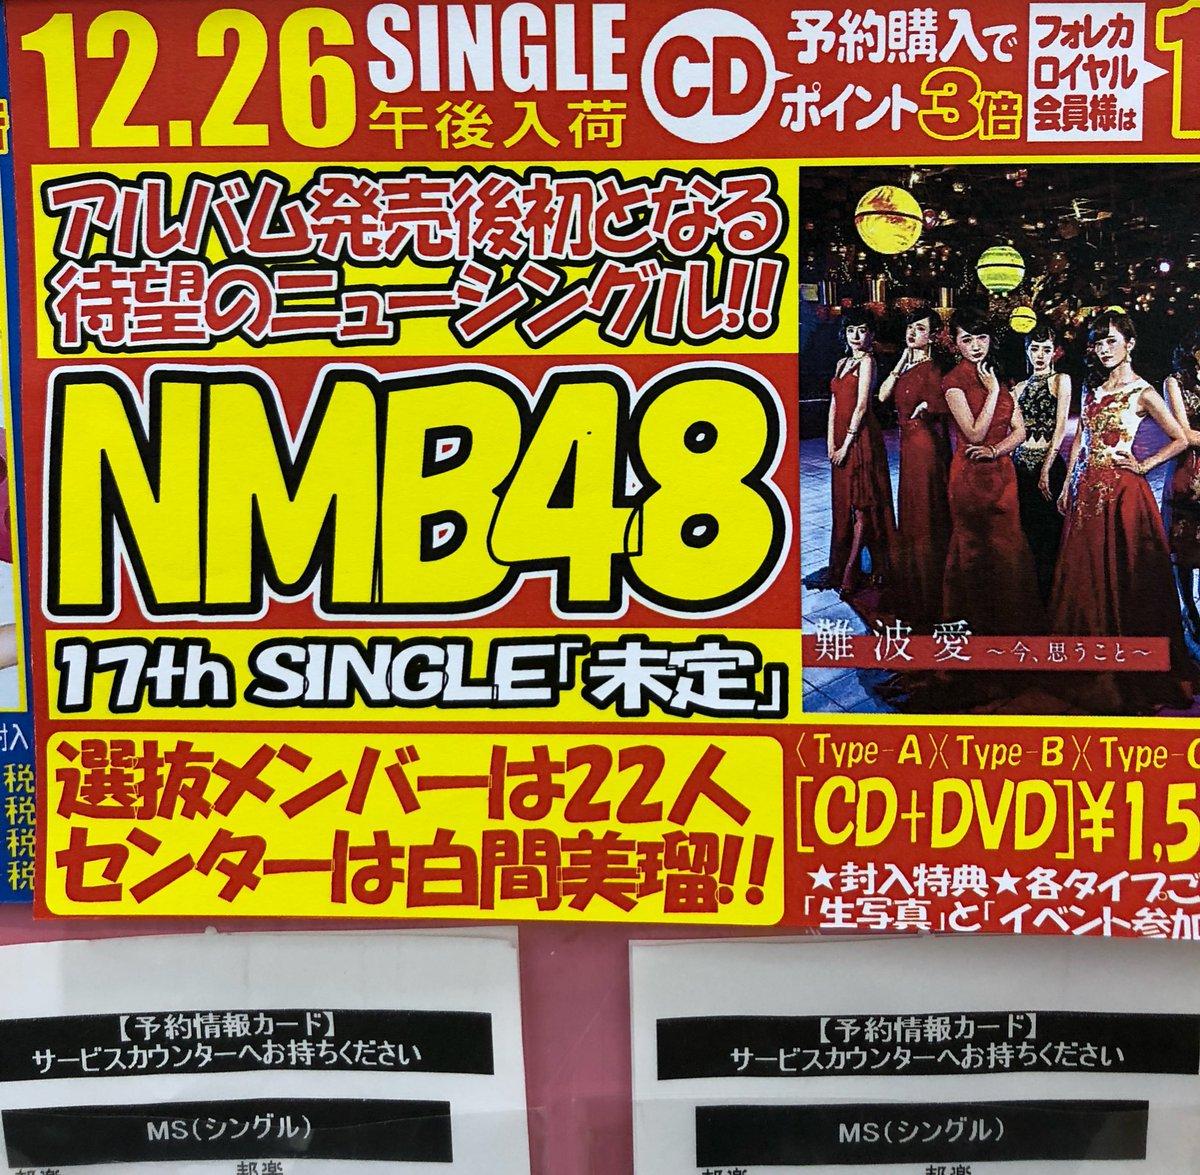 【悲報】NMB48新曲のセンターは白間美瑠というリーク情報が出回る【ベストヒット歌謡祭】